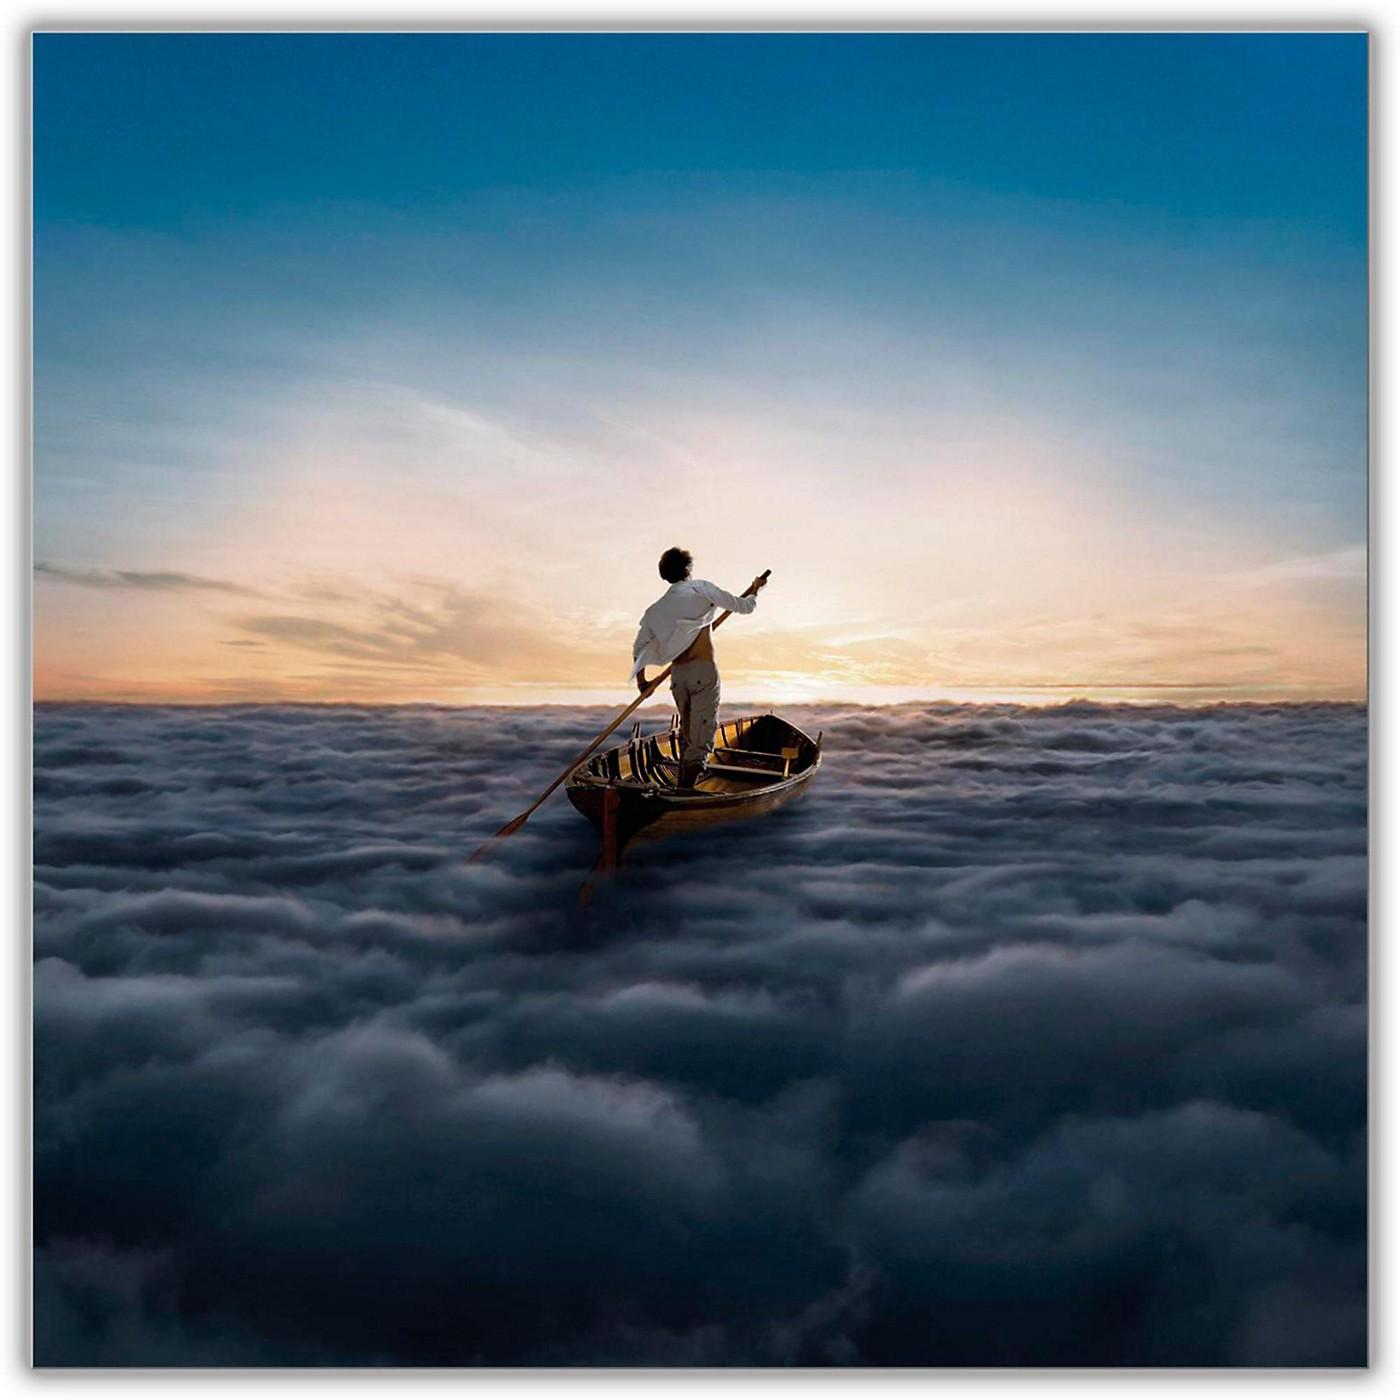 Sony Pink Floyd - The Endless River Vinyl LP thumbnail